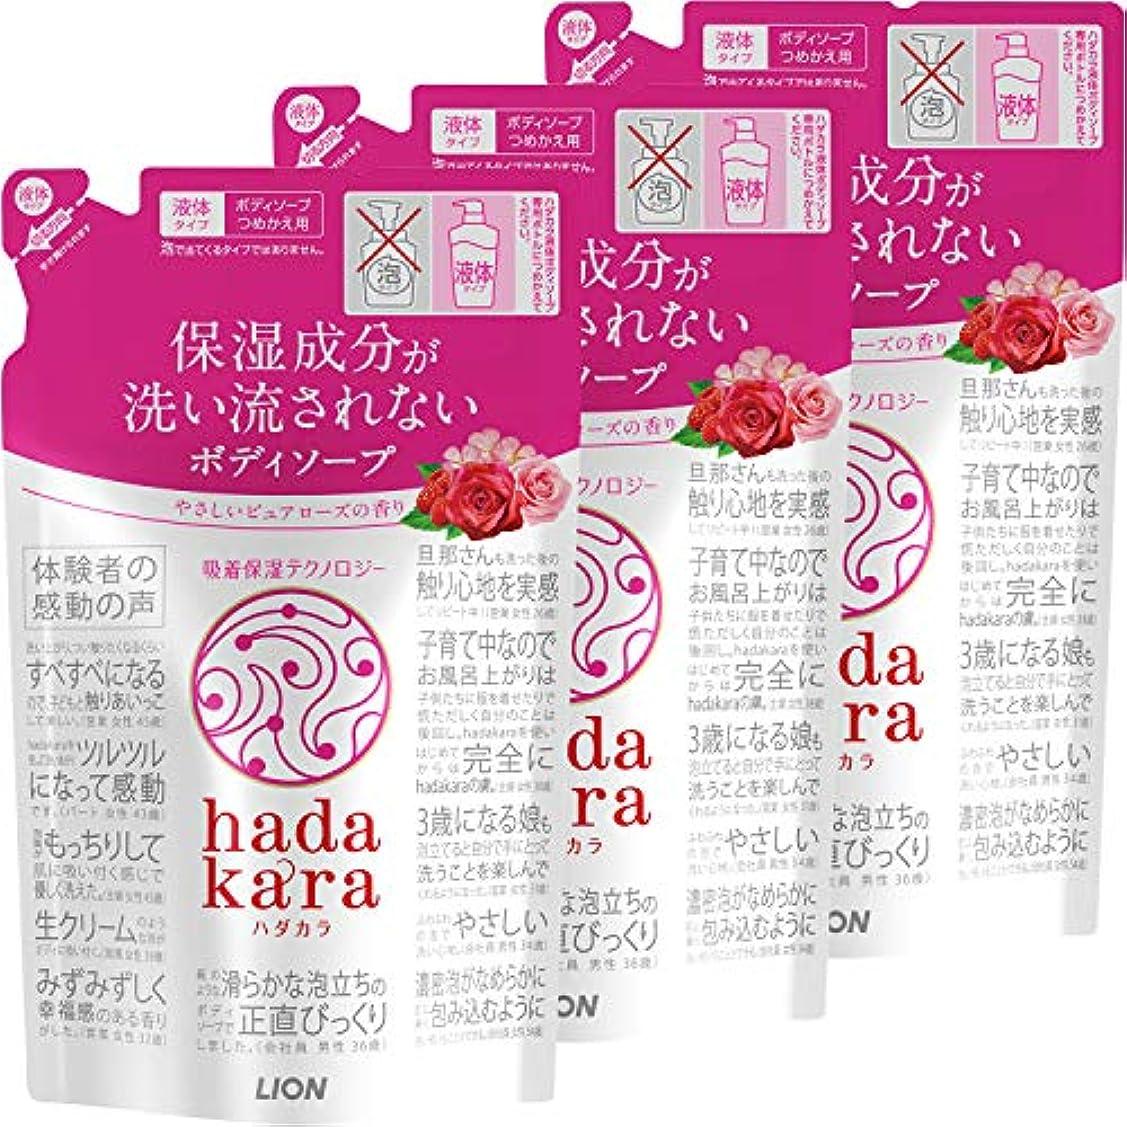 ソビエト結び目議会hadakara(ハダカラ) ボディソープ ピュアローズの香り つめかえ360ml×3個 詰替え用